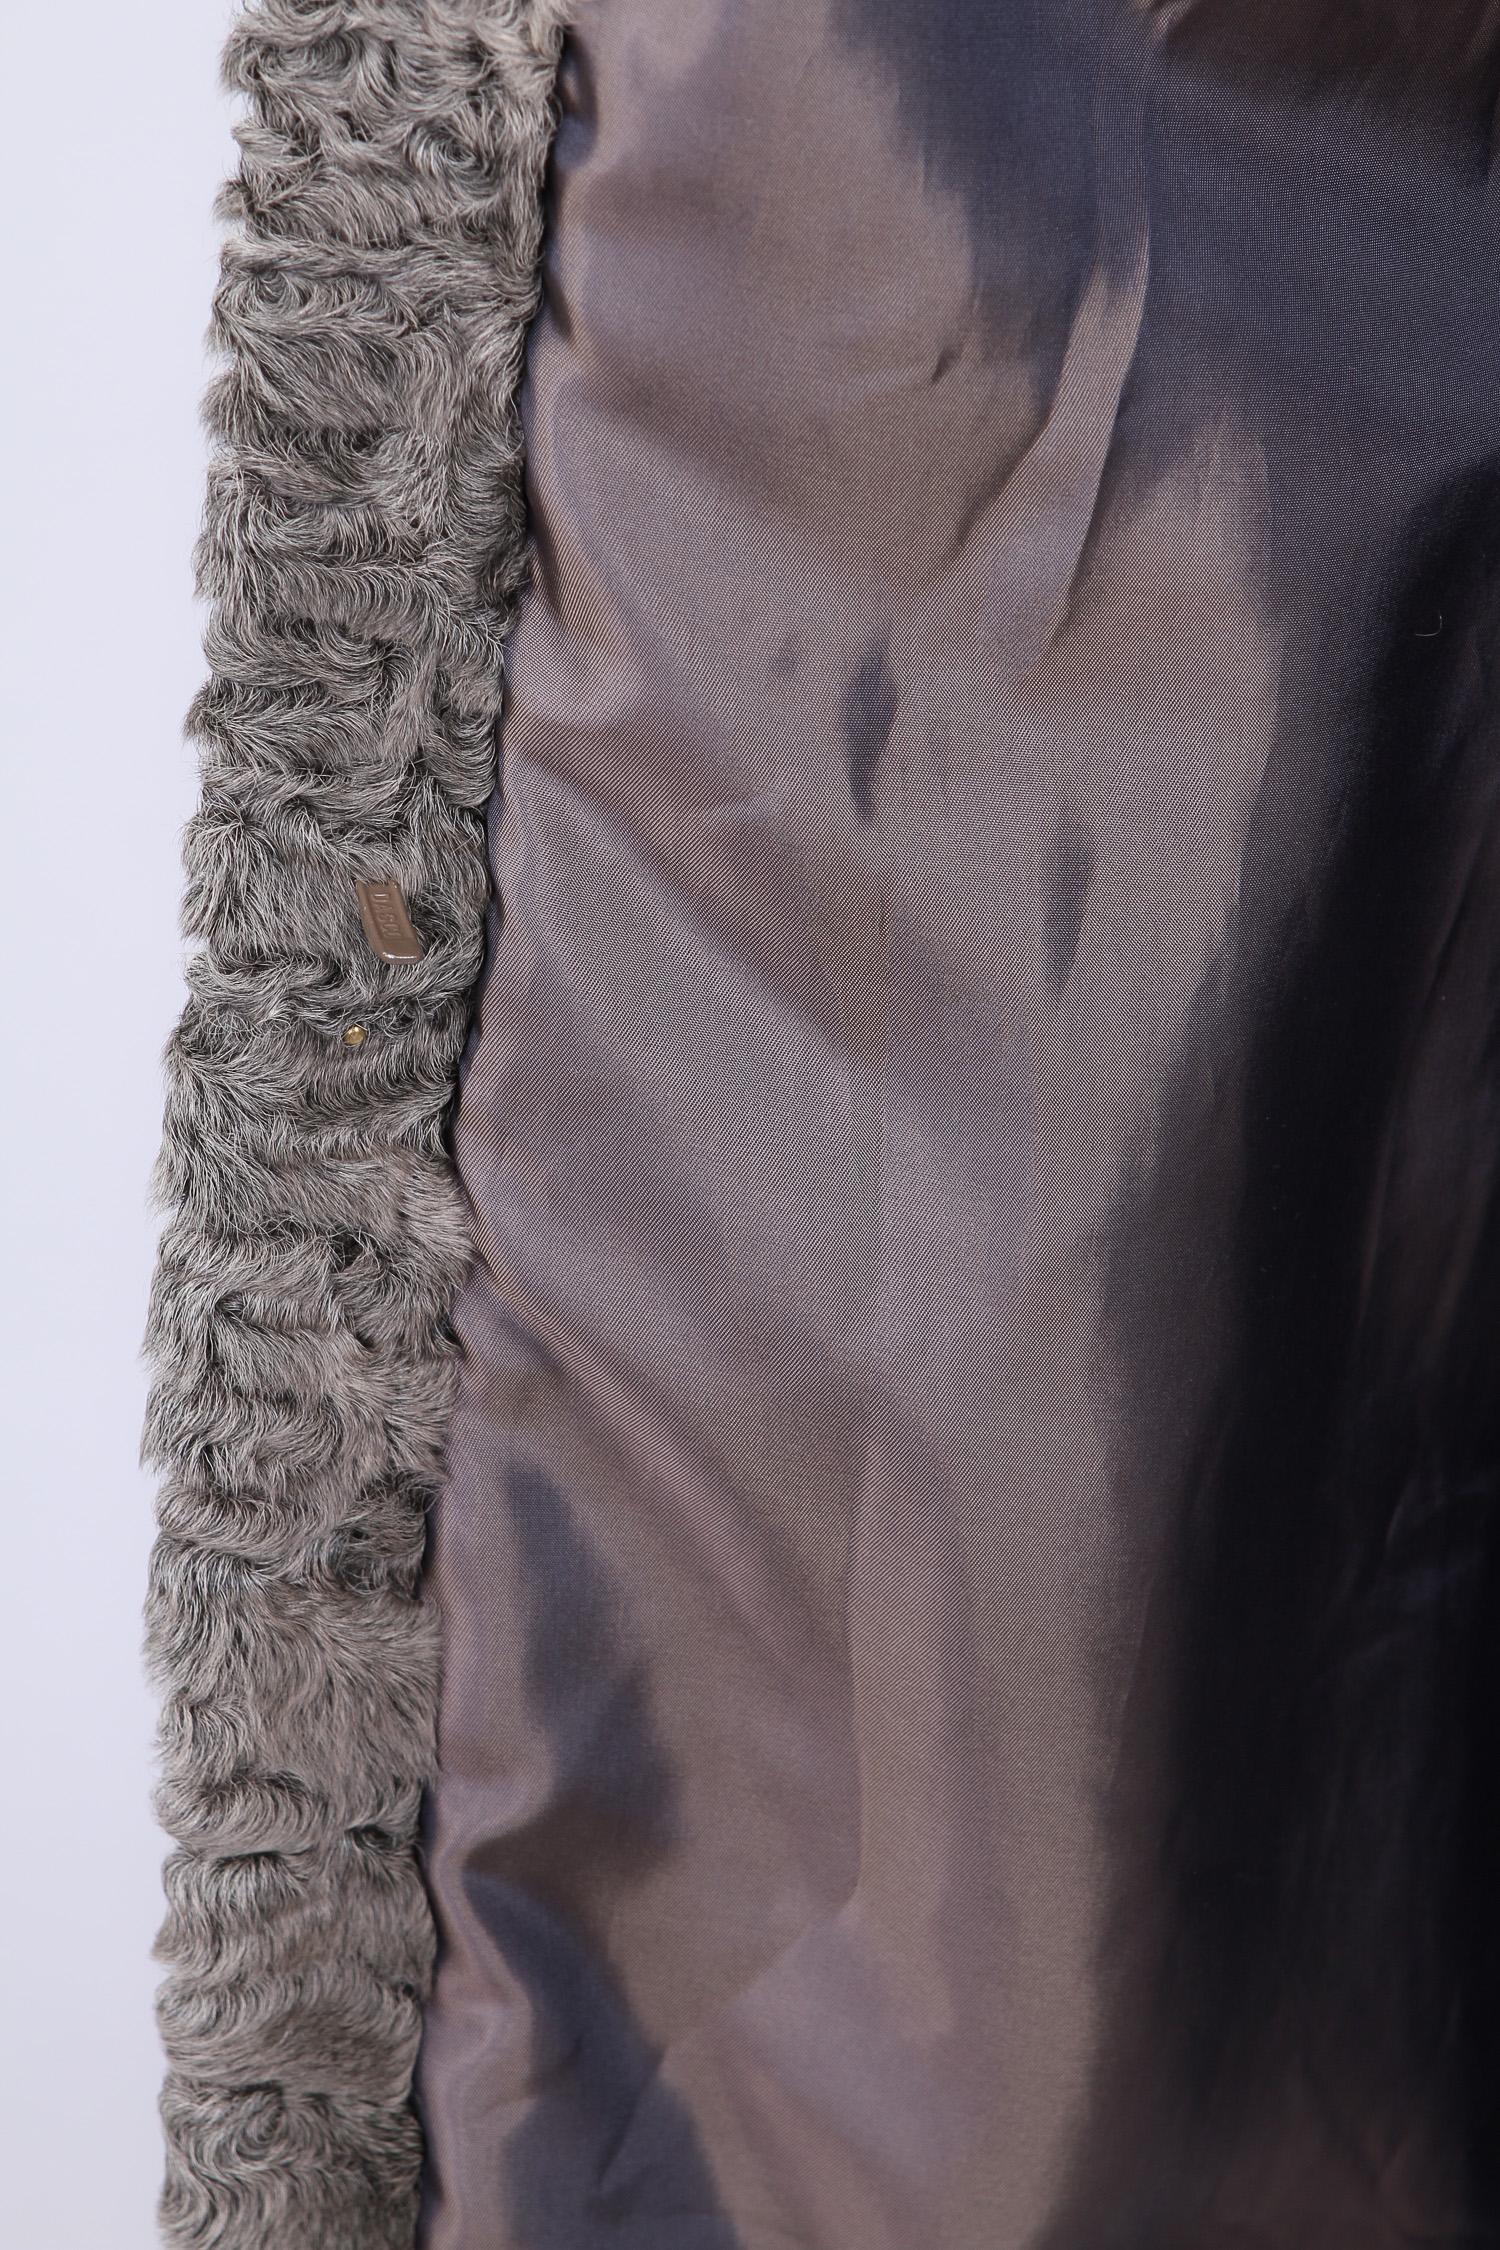 Шуба из каракуля без воротника, без отделки от Московская Меховая Компания